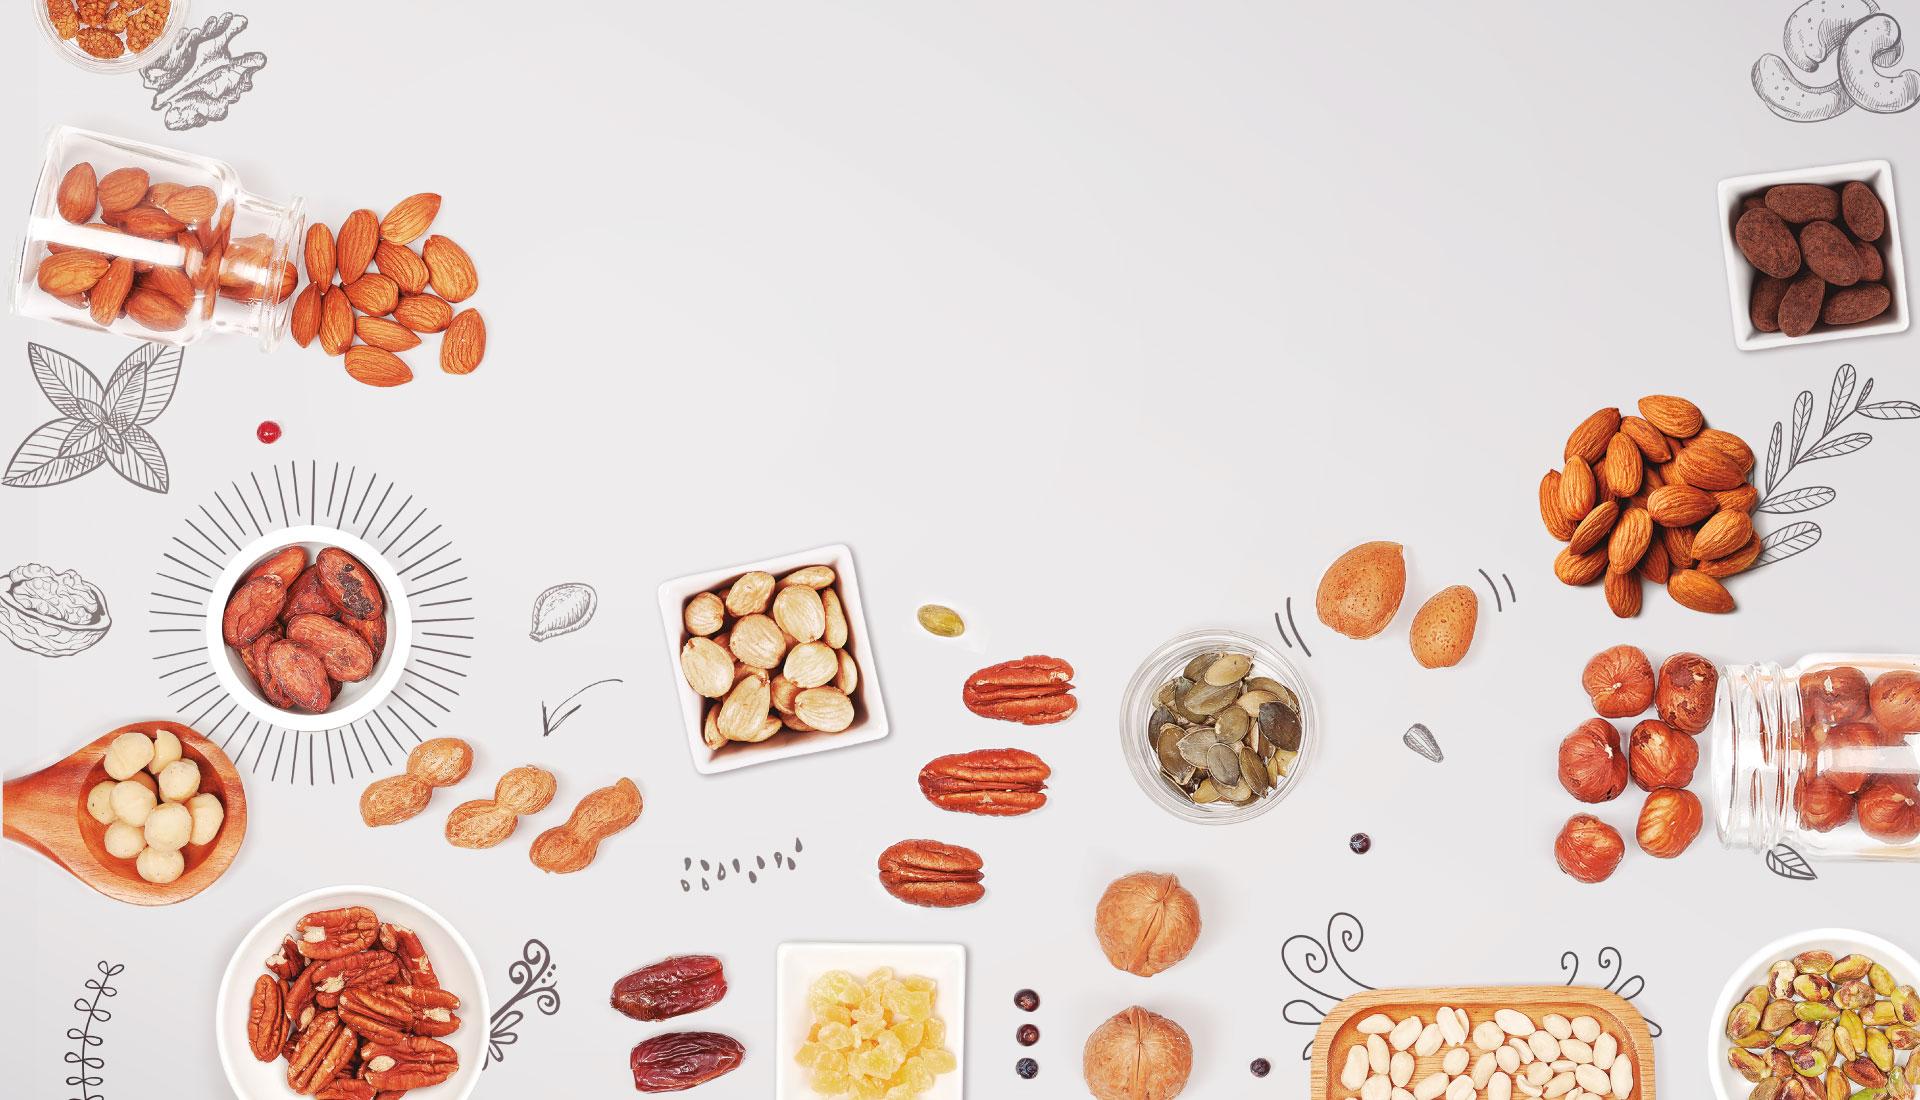 Aperimax slide dibujos | Aperimax, frutos secos de calidad